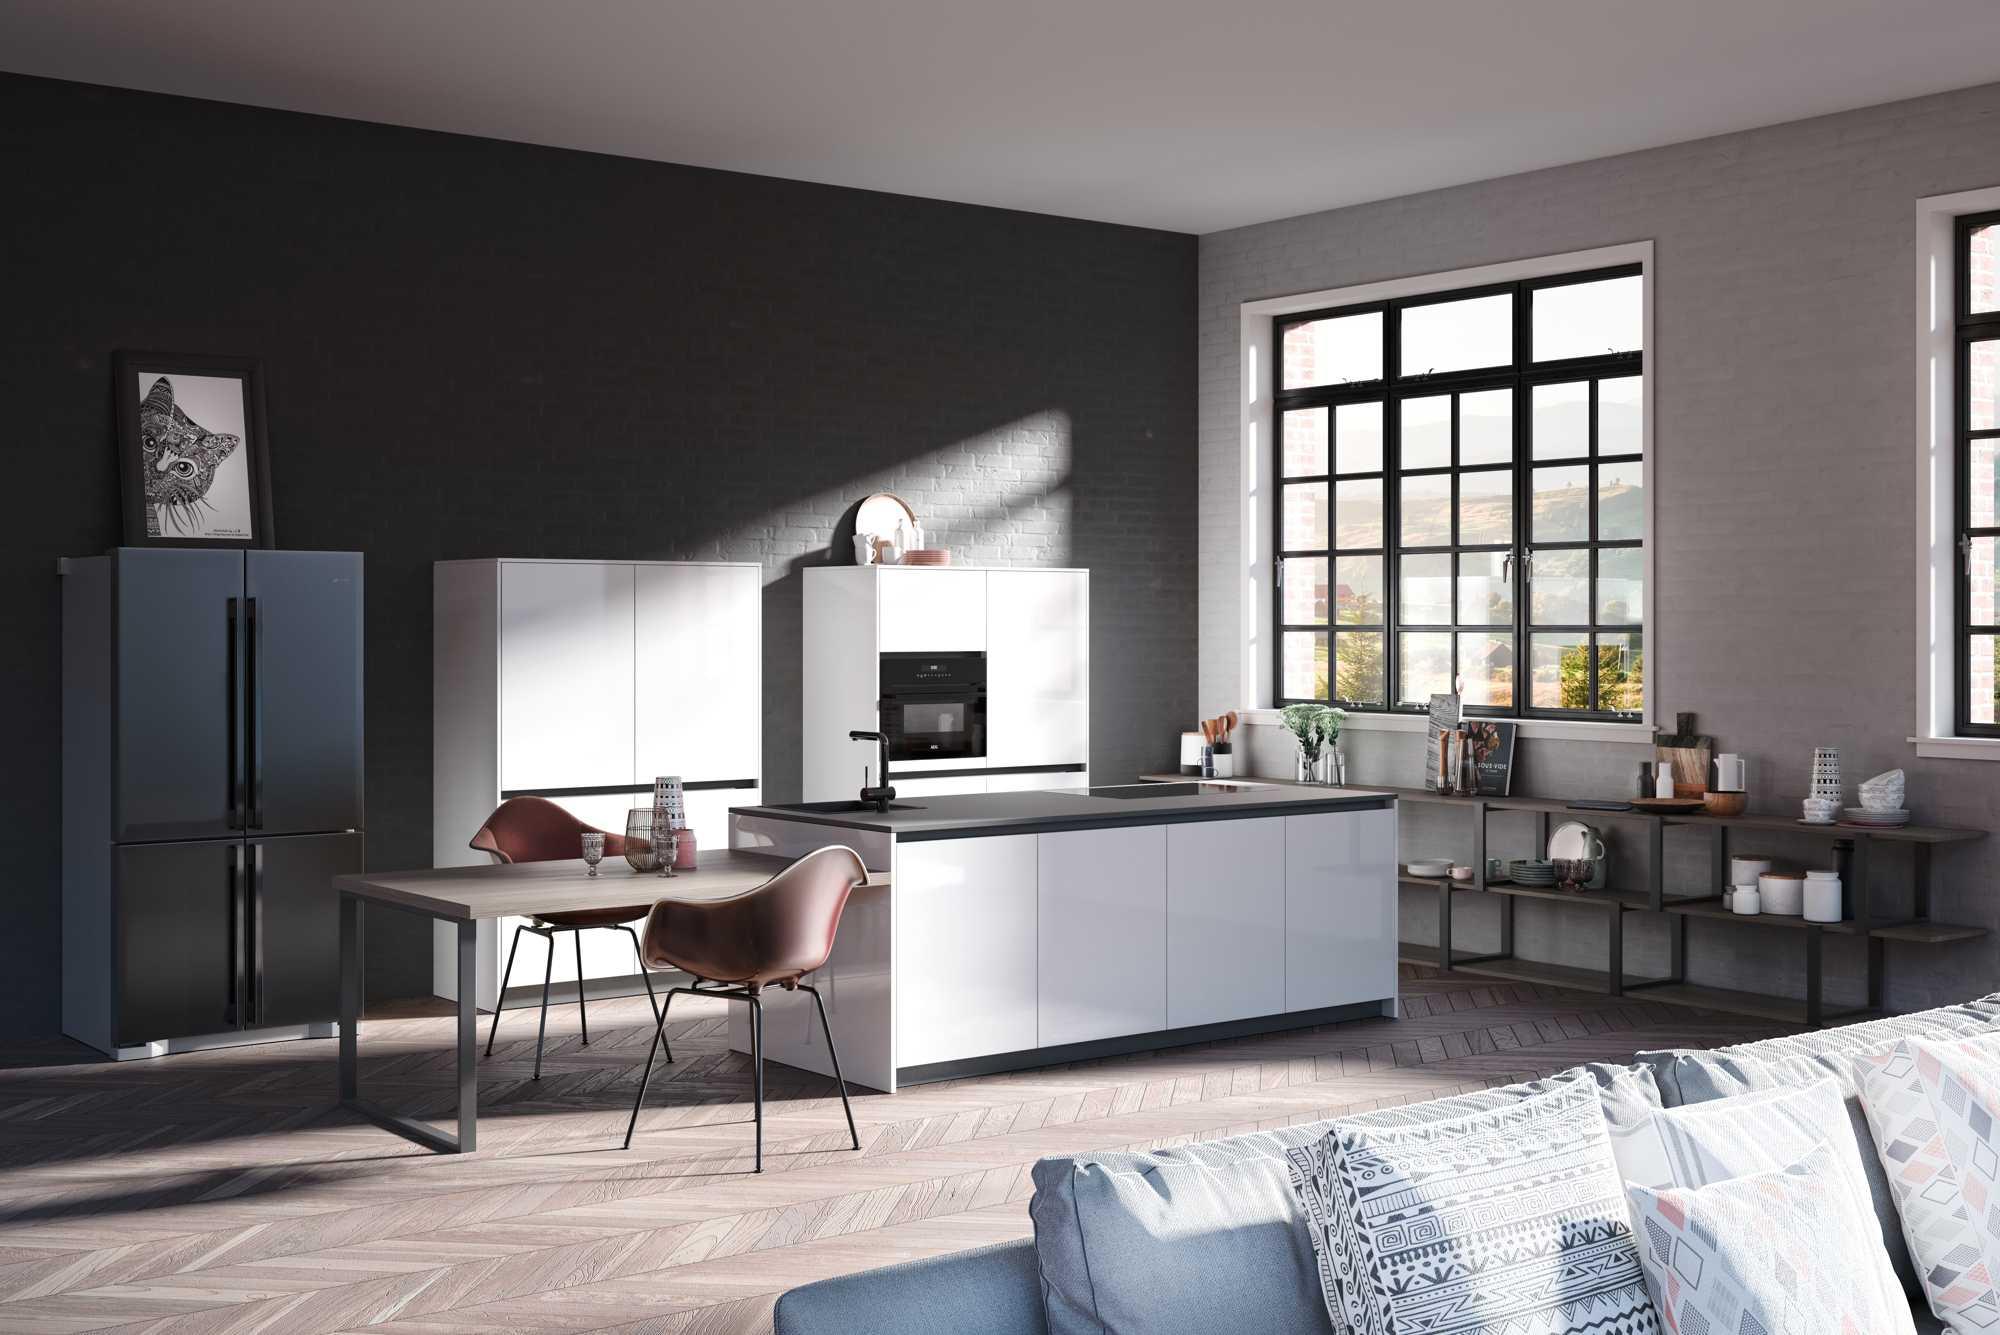 ZeroxSnow HL and ZeroxEdition Fine MattDark Concreto Kitchen